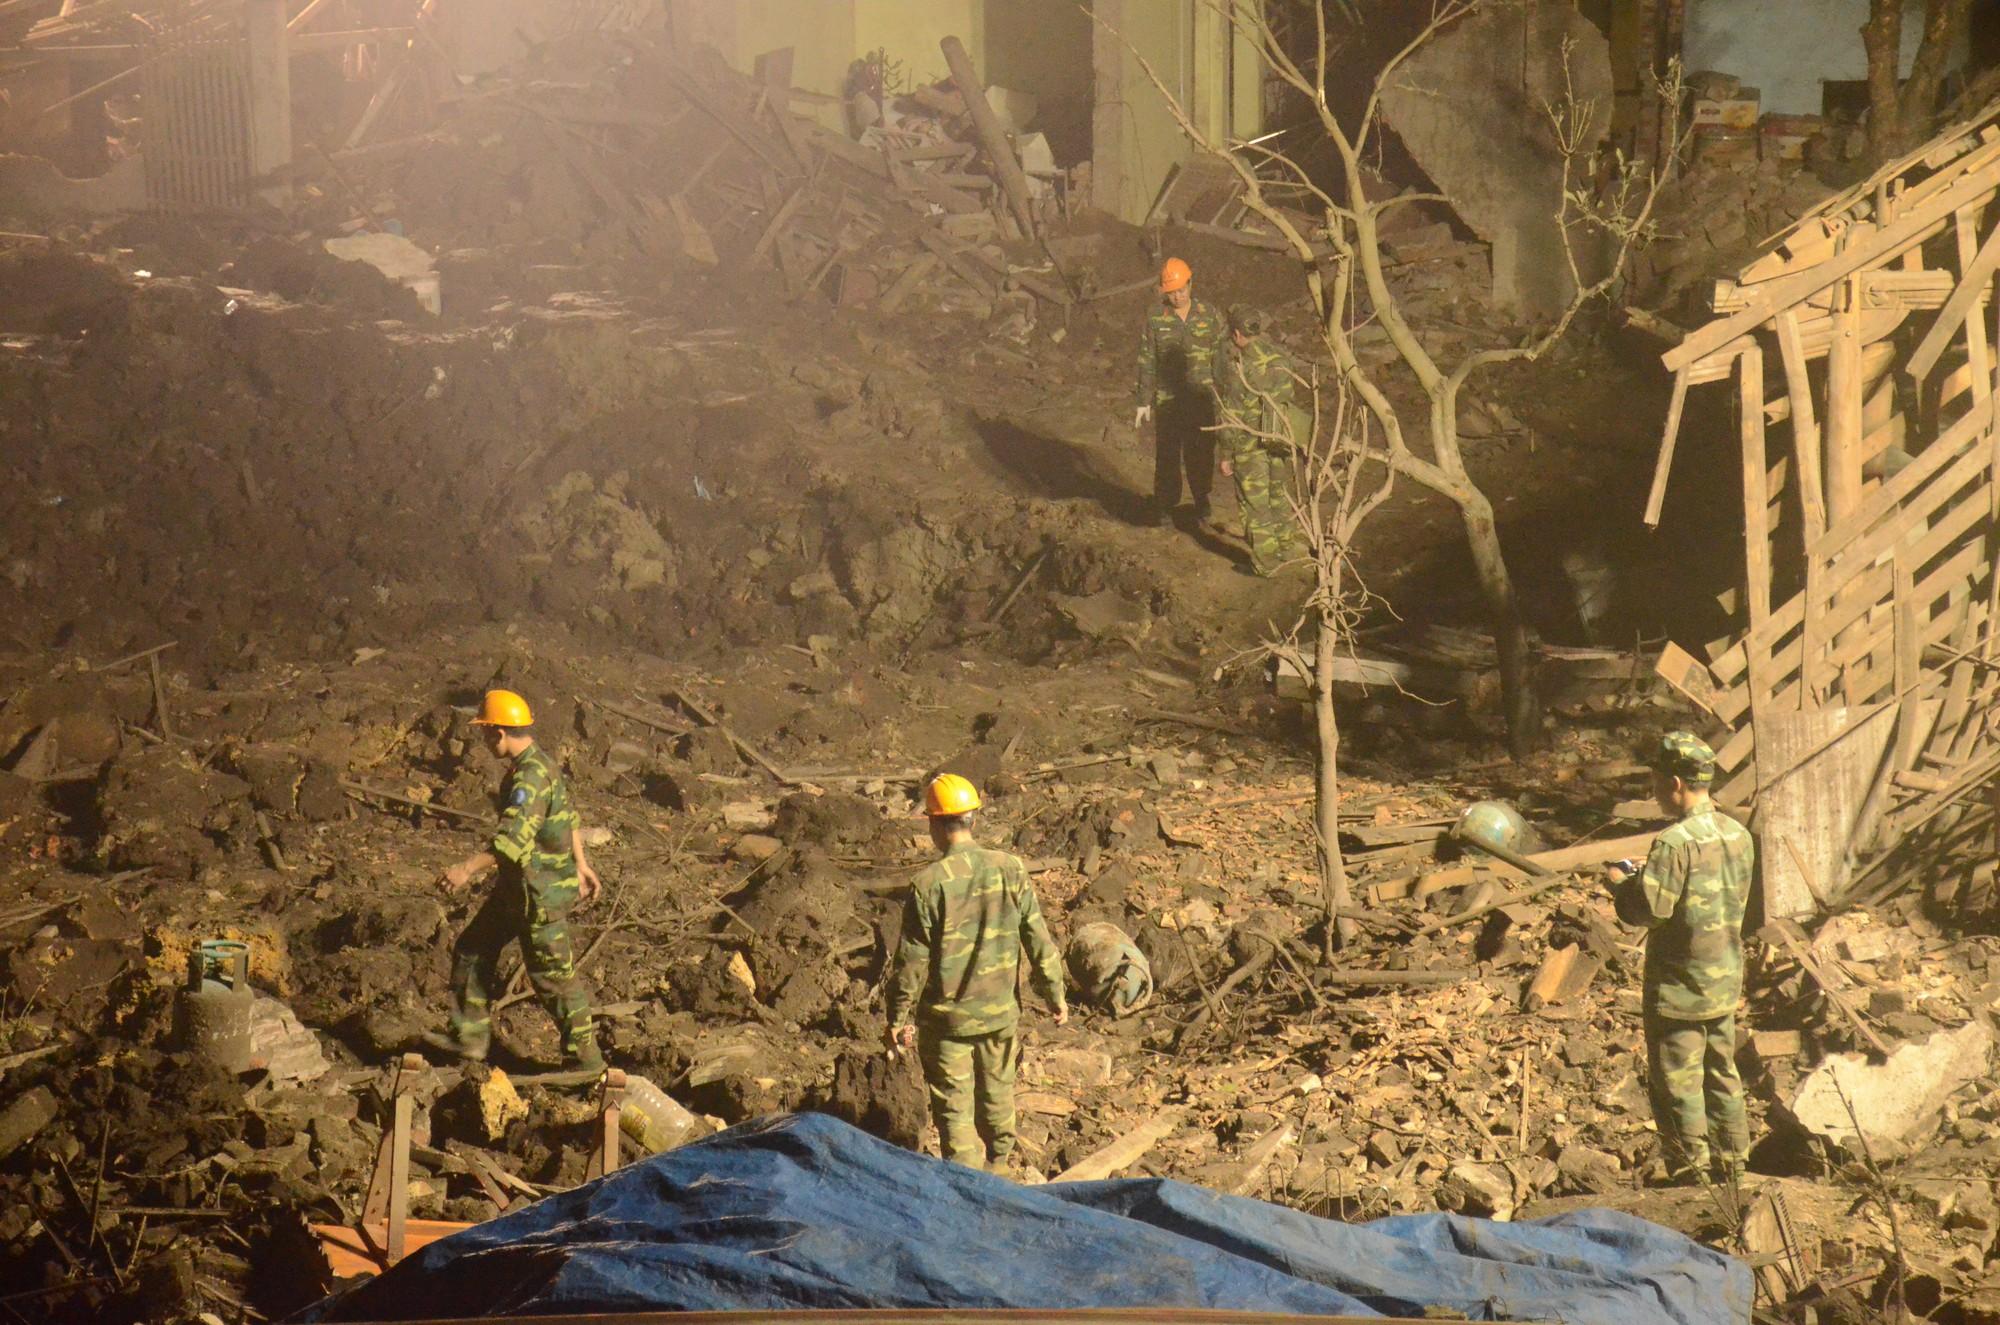 Vụ nổ lớn ở Bắc Ninh: Hàng trăm chiến sỹ công binh cầm đèn pin mót tìm đầu đạn trong đống đổ nát 1